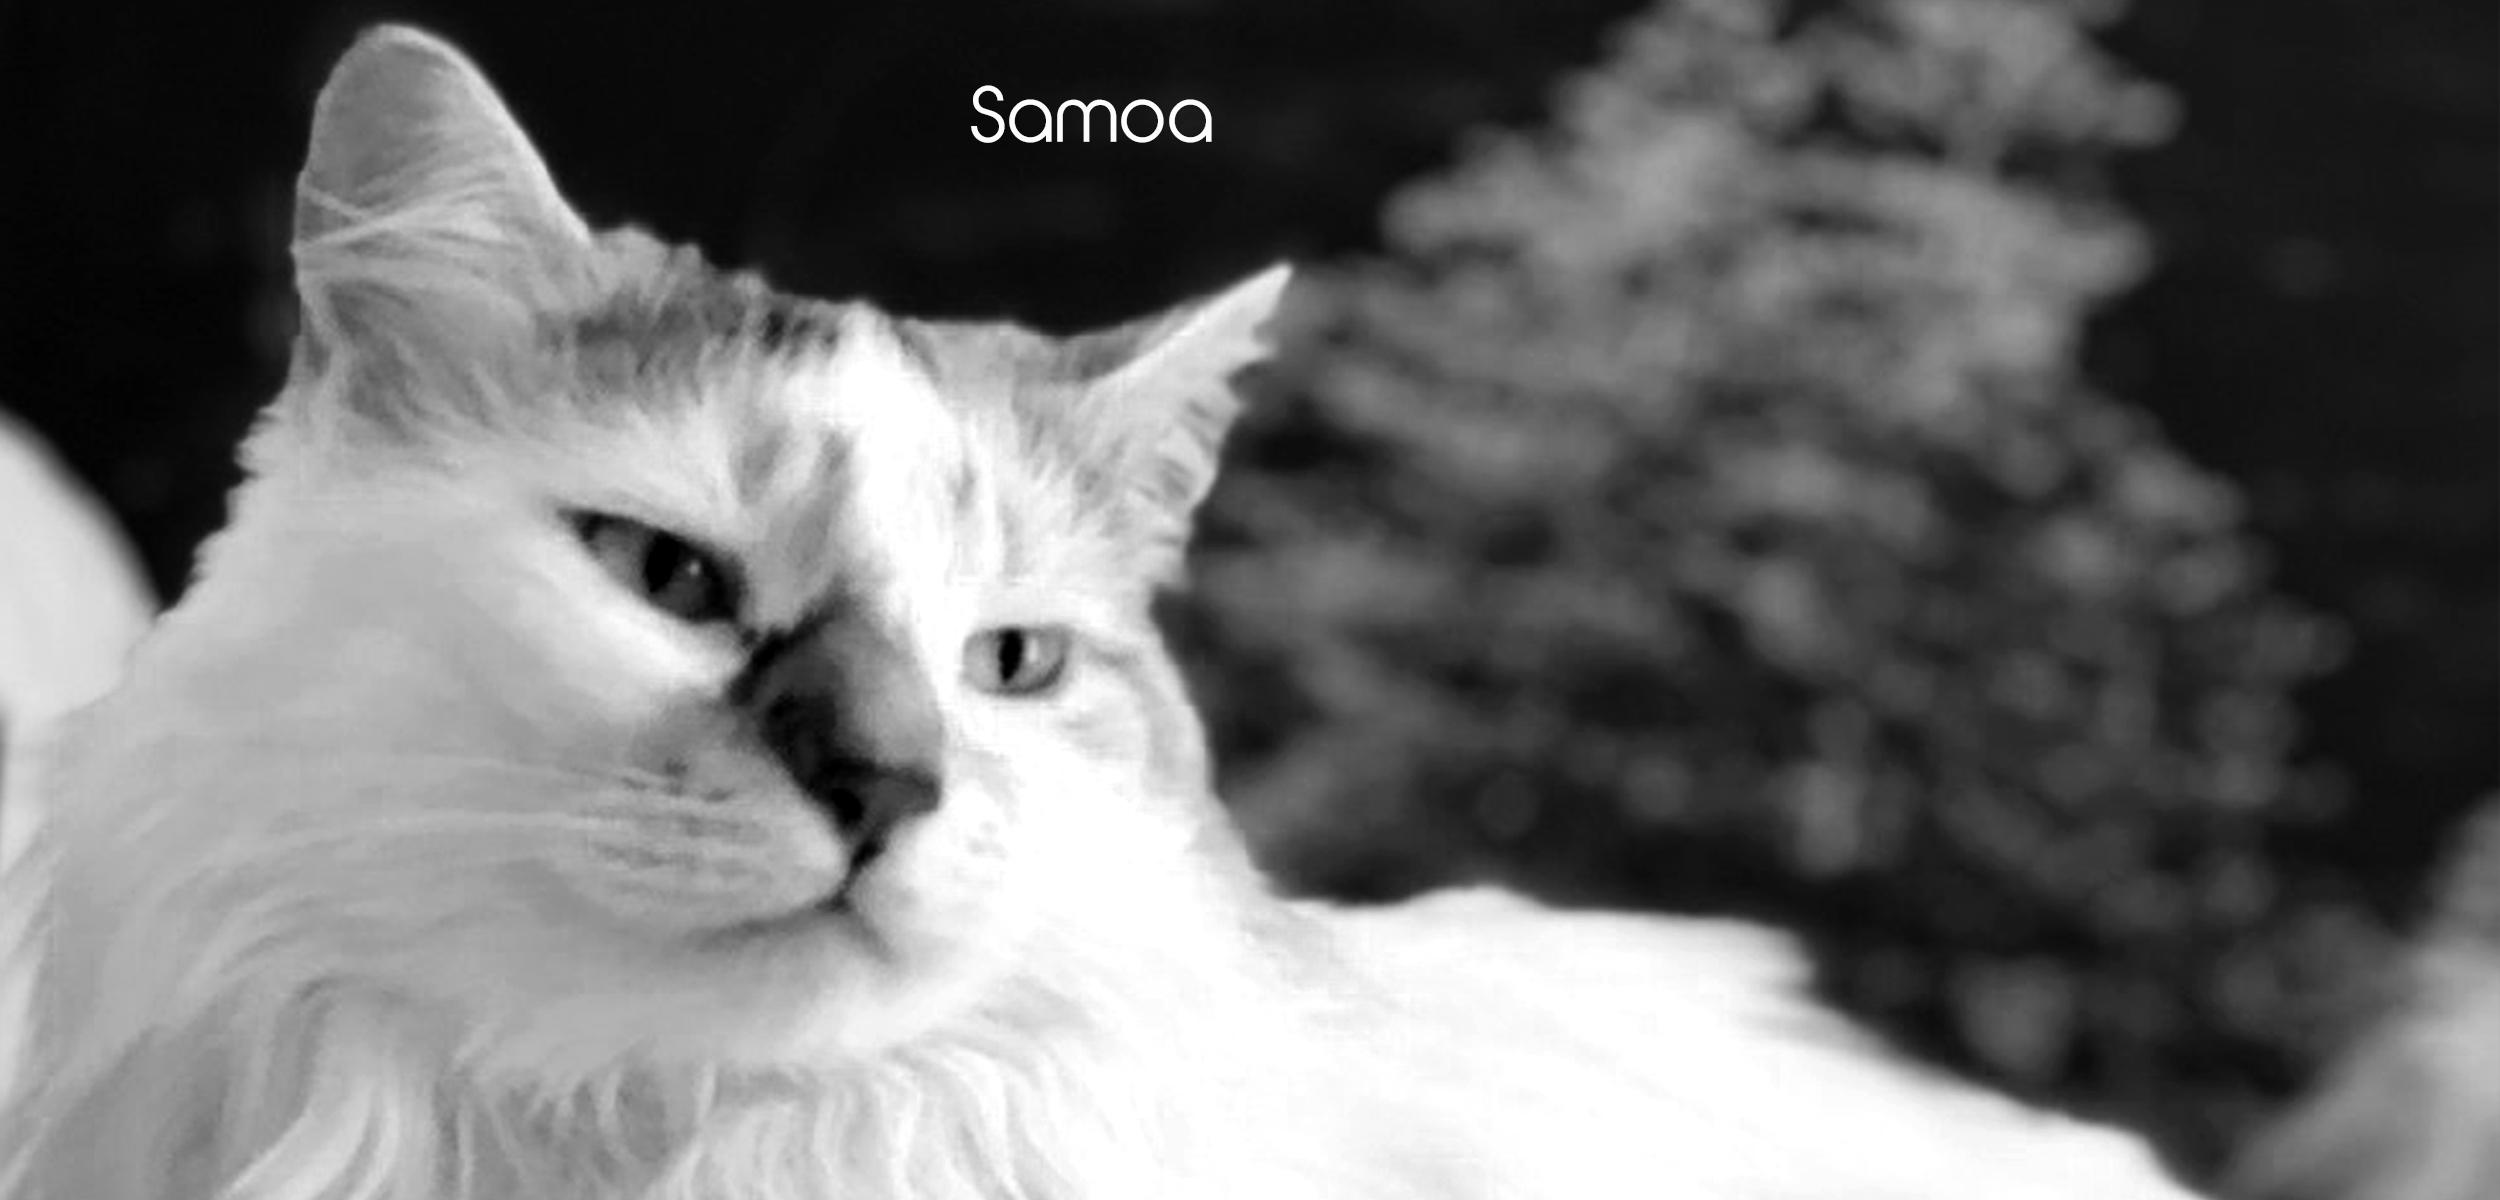 Samoa FF slider images for website.jpg